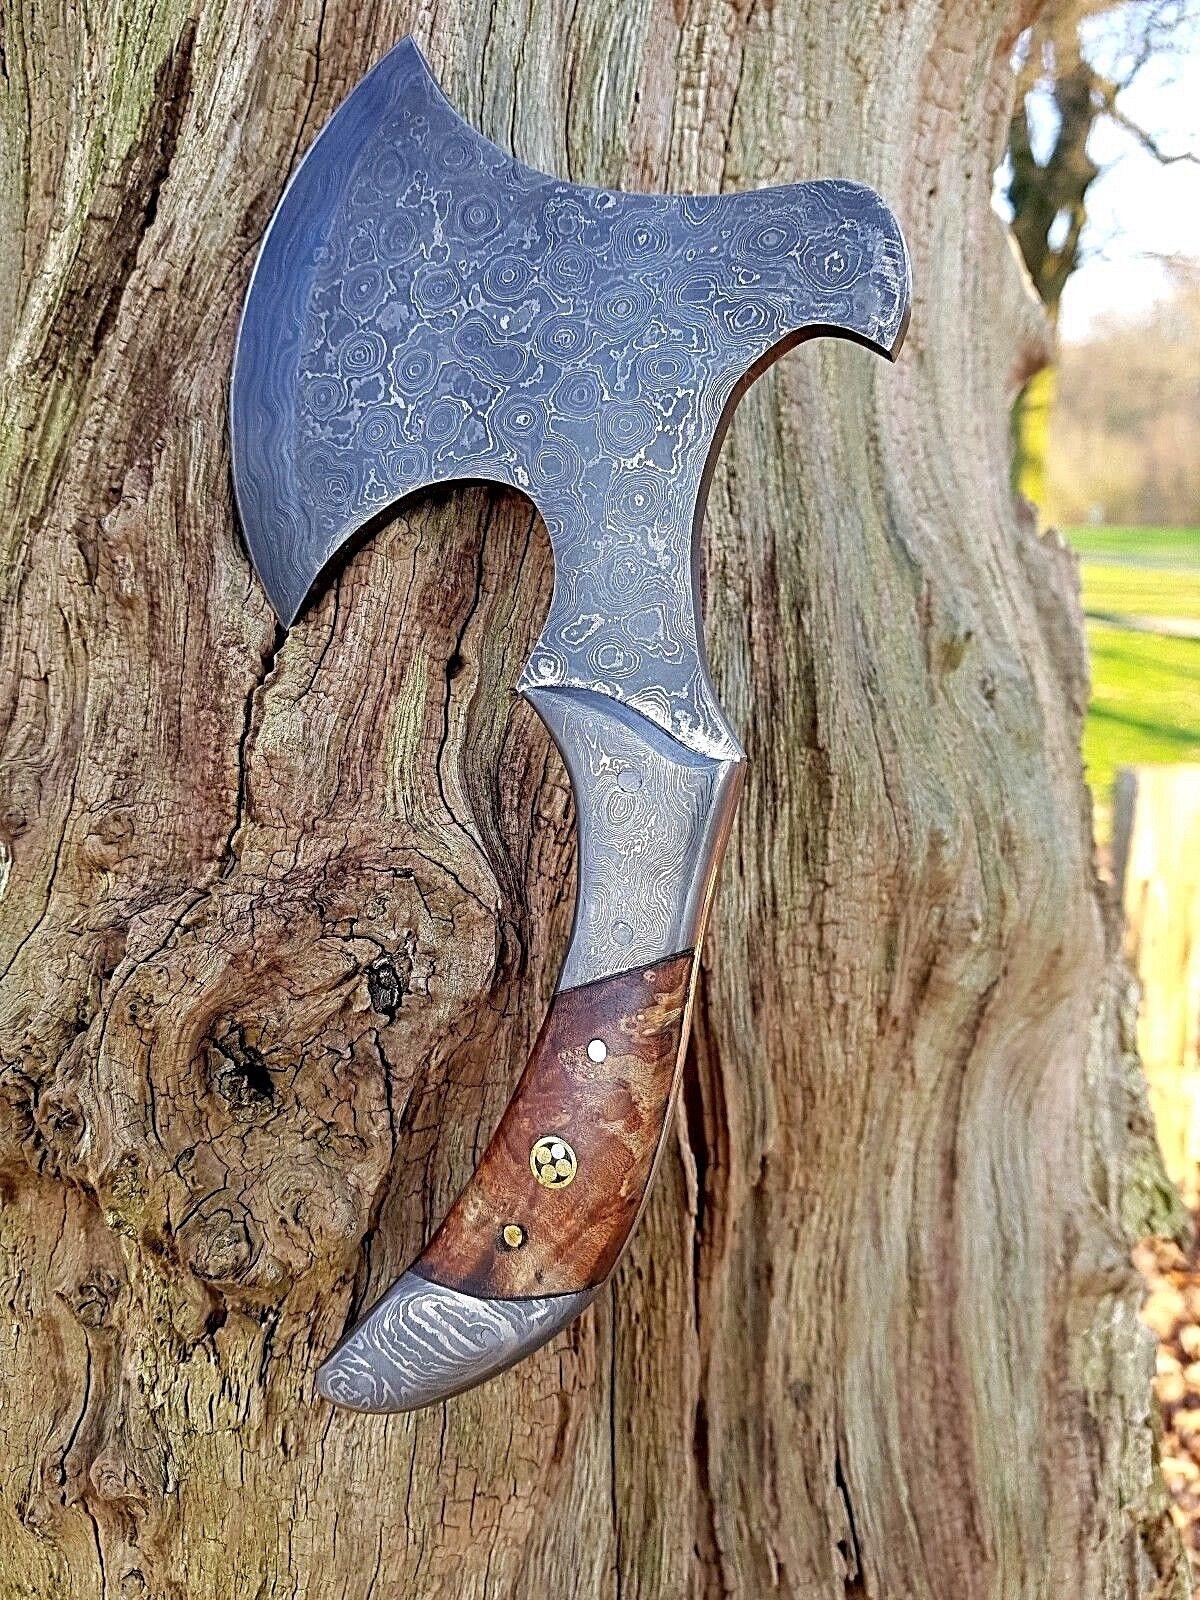 BULLSON DAMASKUS AXT BEIL JAGDMESSER BOWIE KNIFE BUSCHMESSER MACHETE MACETE AXT